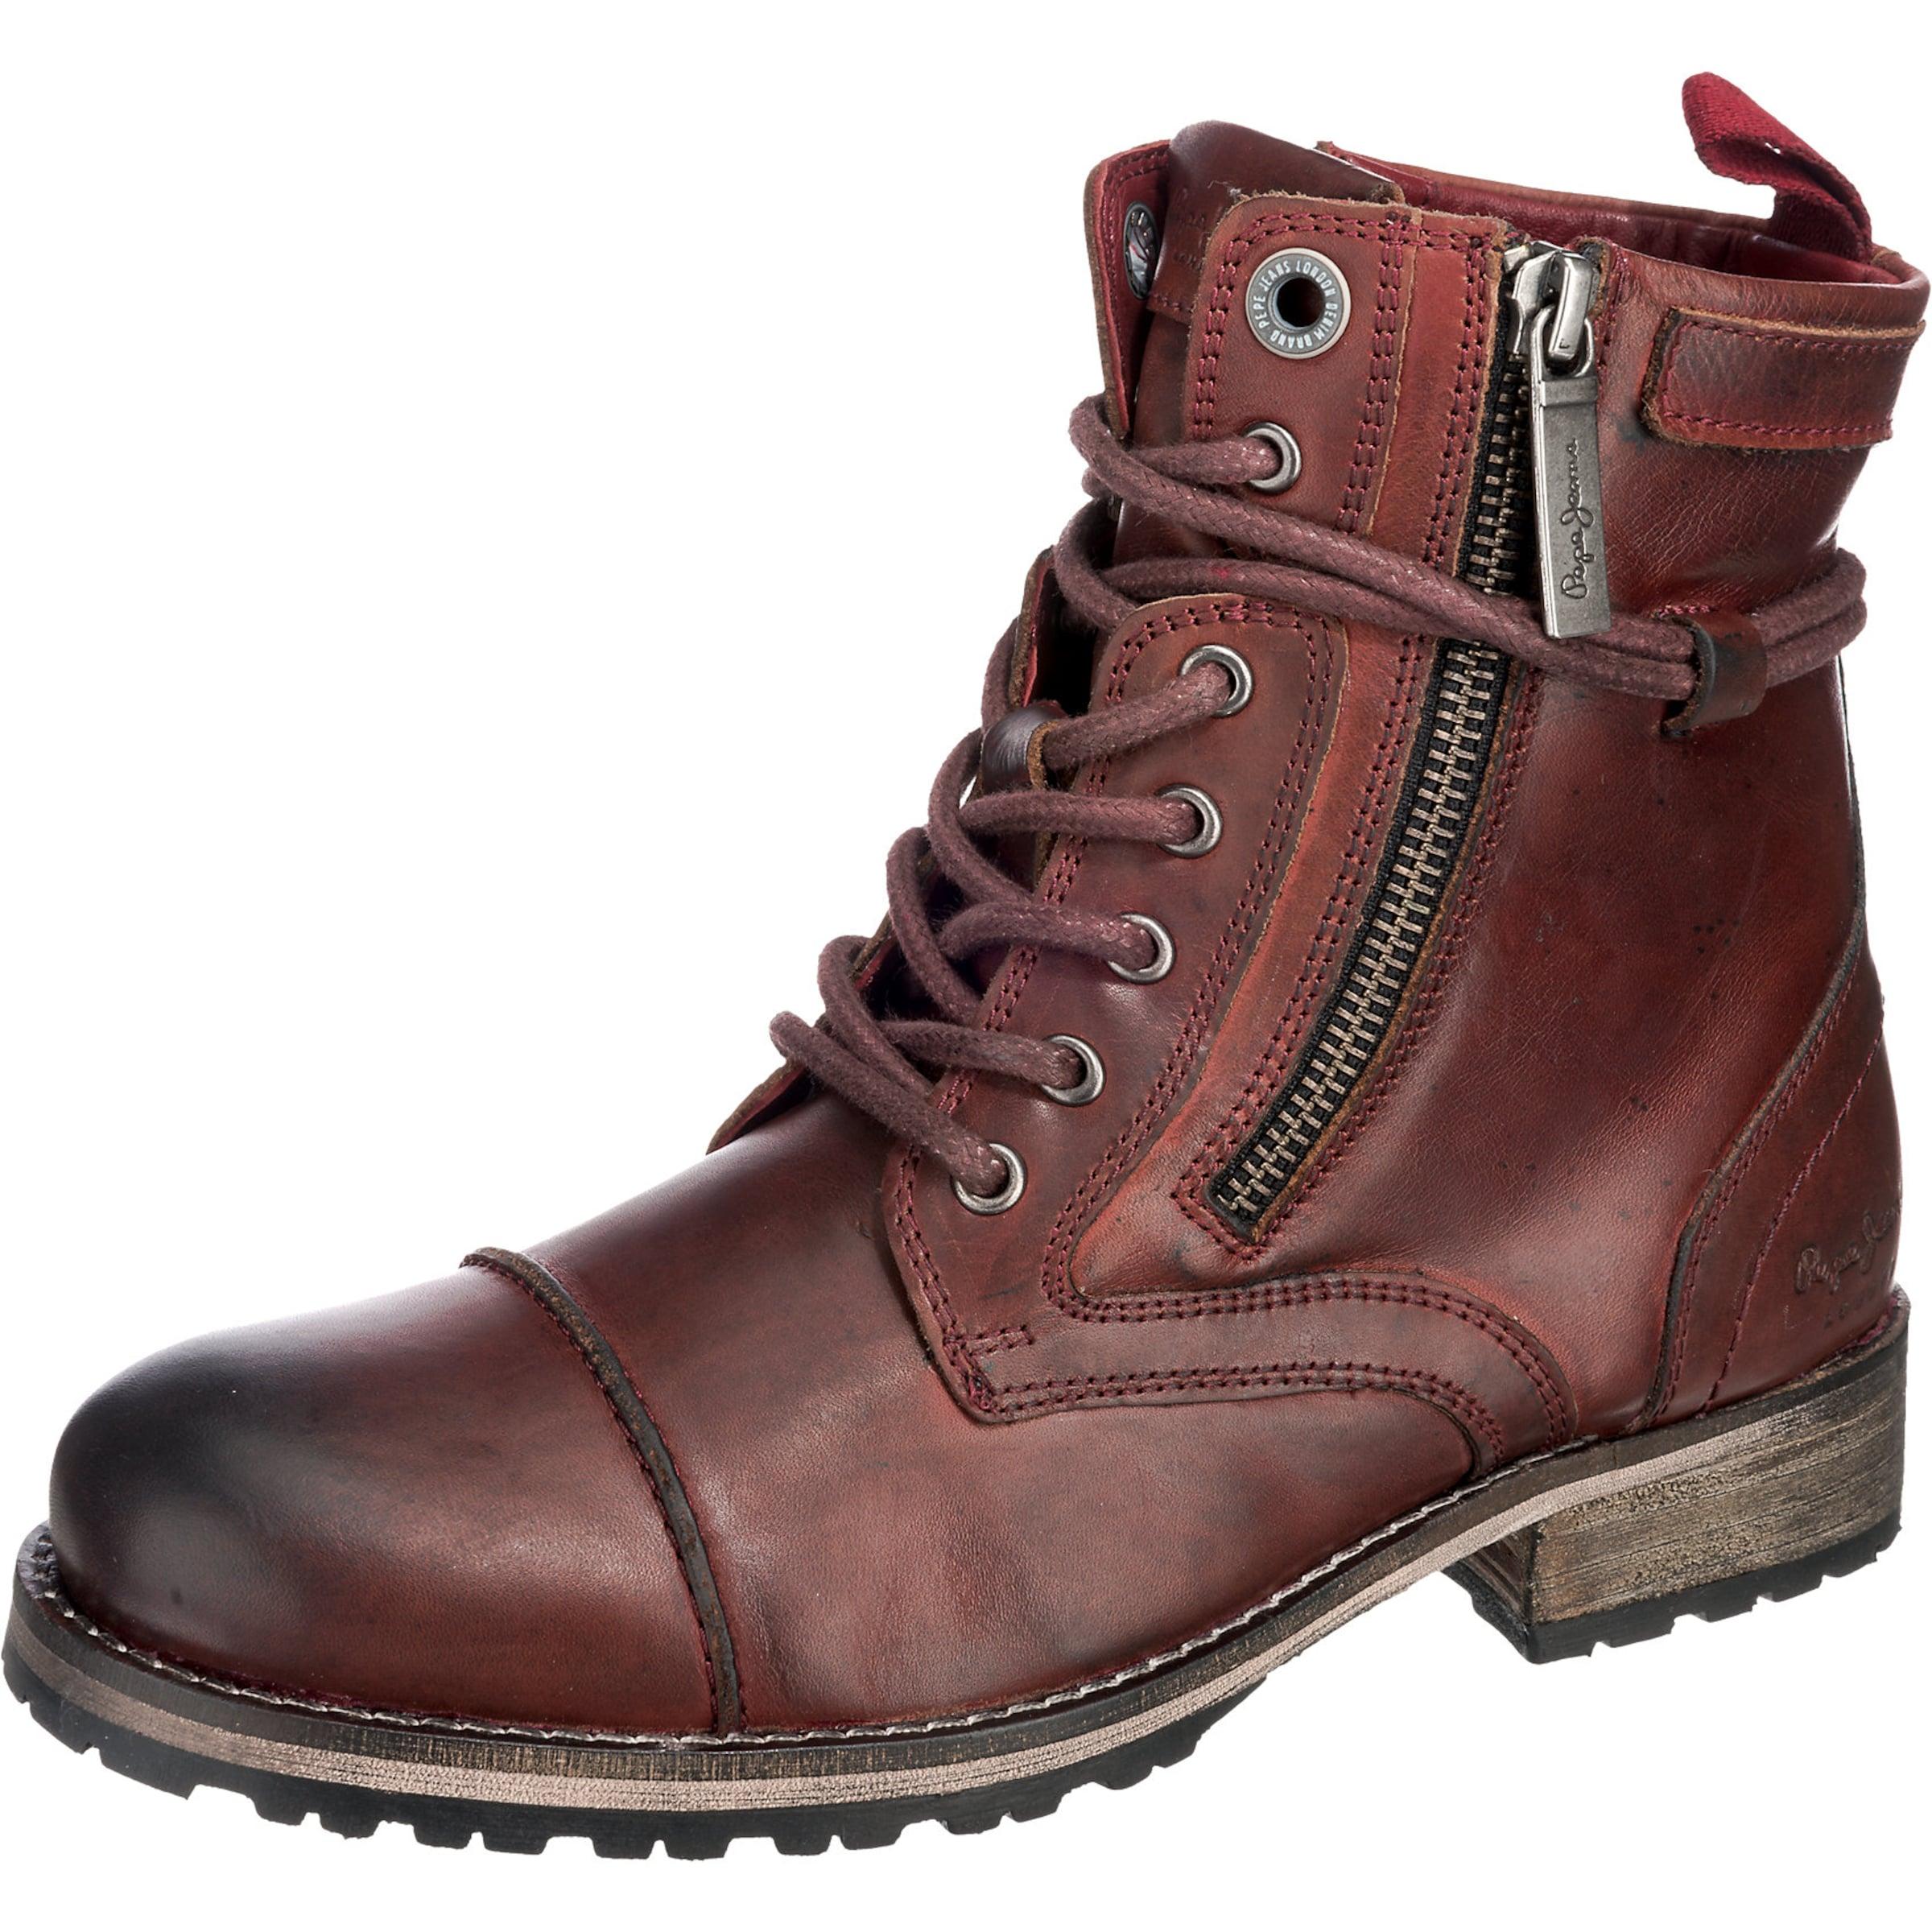 Pepe Jeans Melting Zipper Stiefeletten Steckdose Kostengünstig Freies Verschiffen Manchester Großer Verkauf PHJQNEb2wf